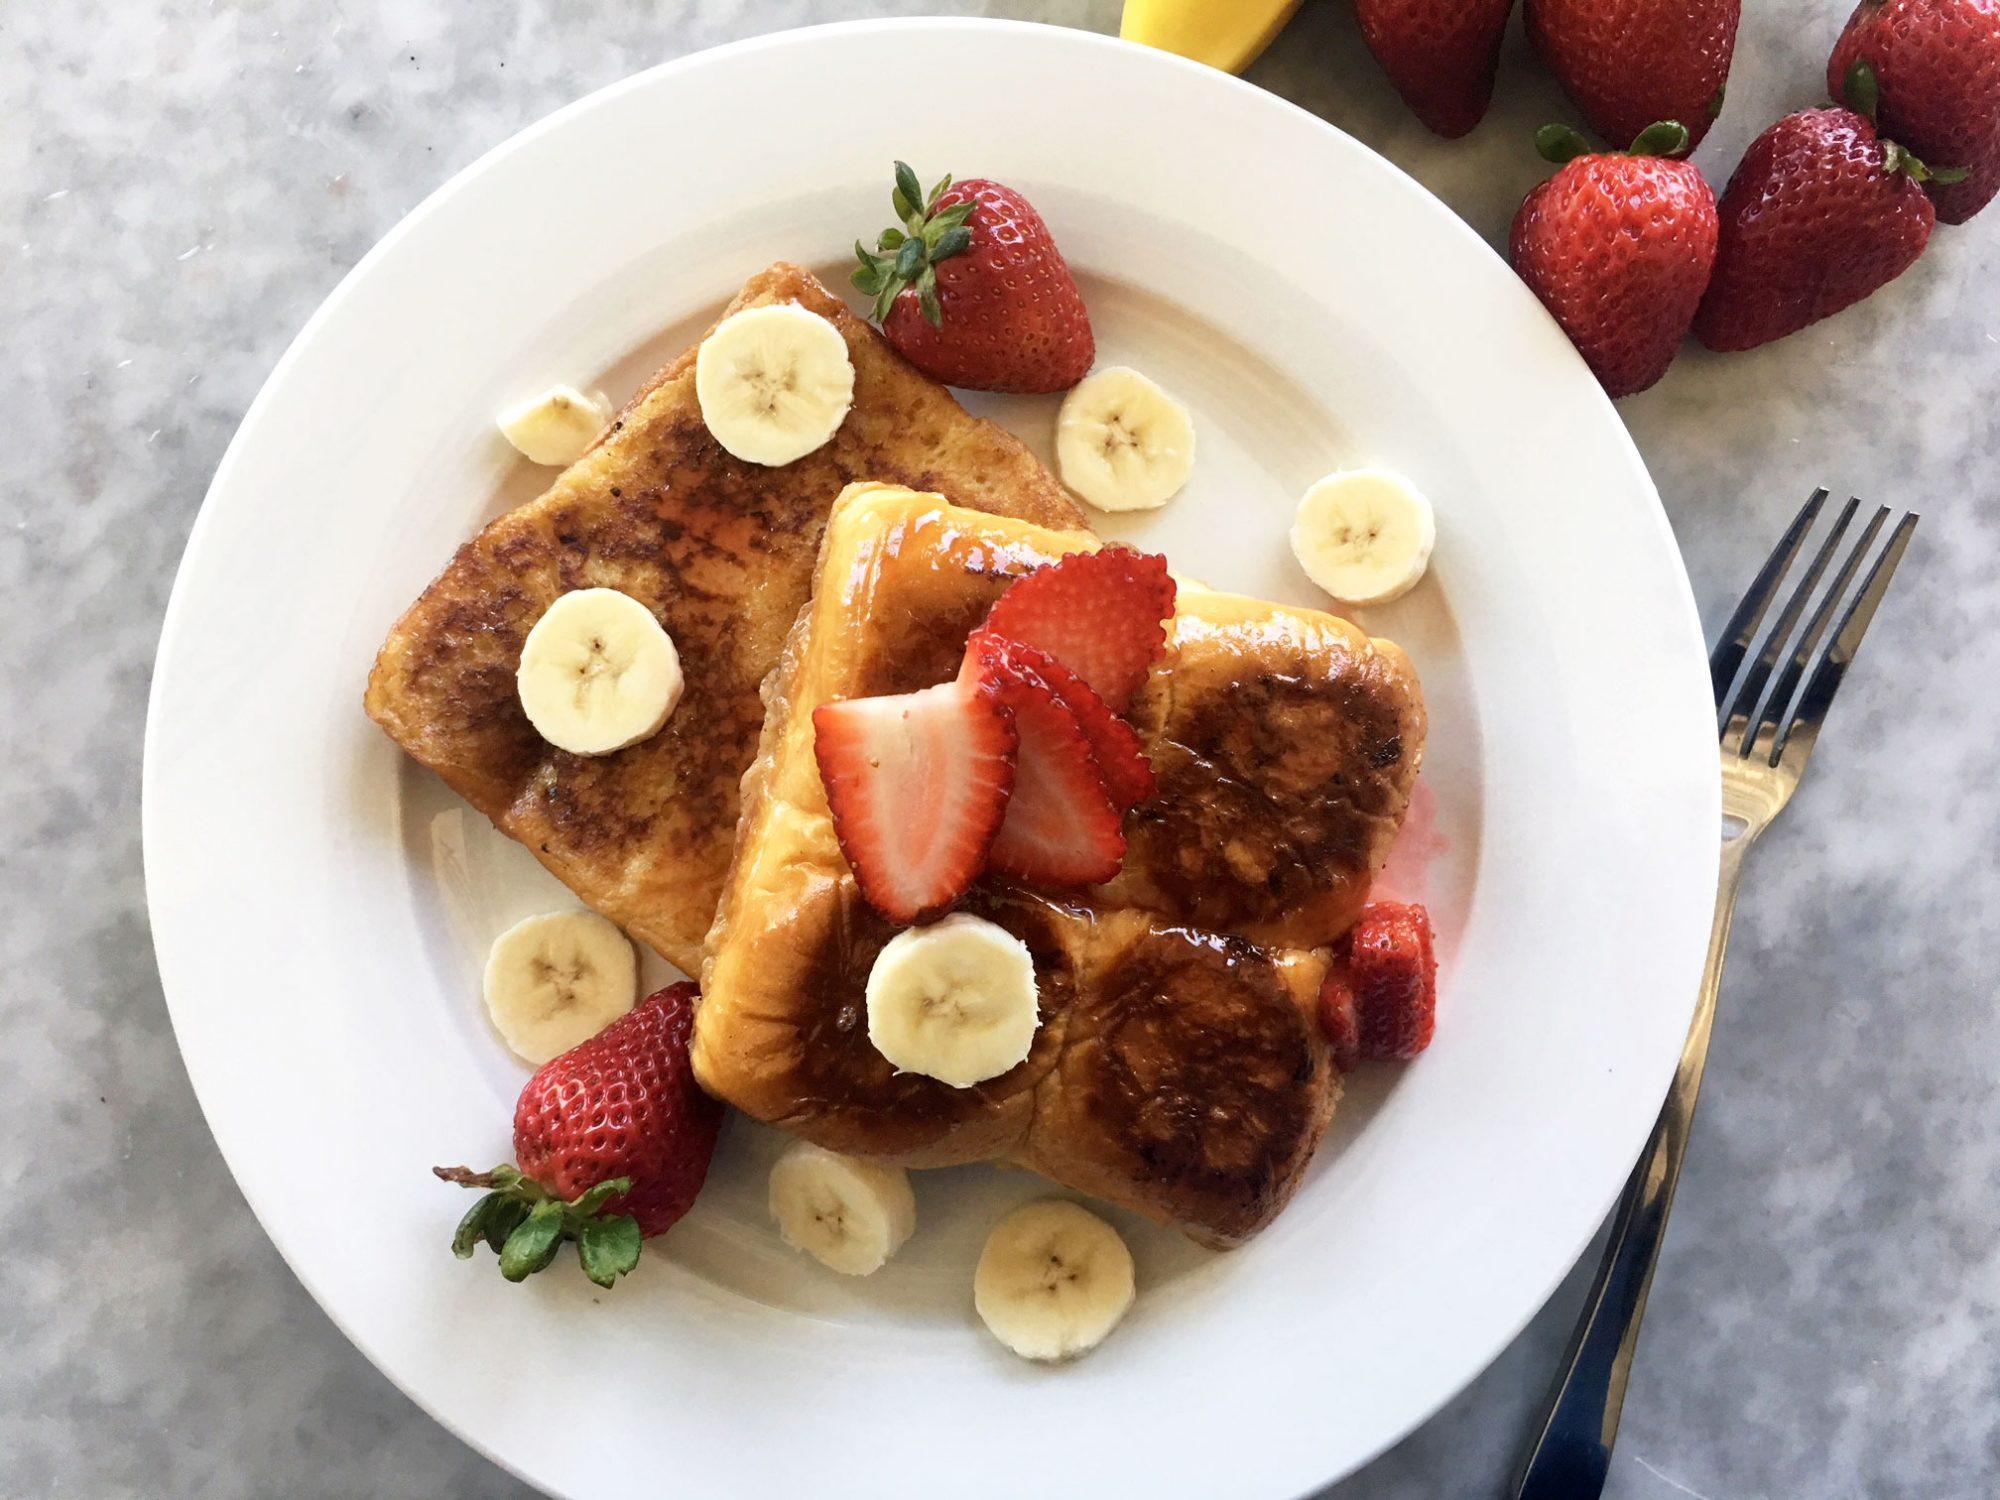 <p>Copycat IHOP Strawberry Banana King's Hawaiian French Toast</p>